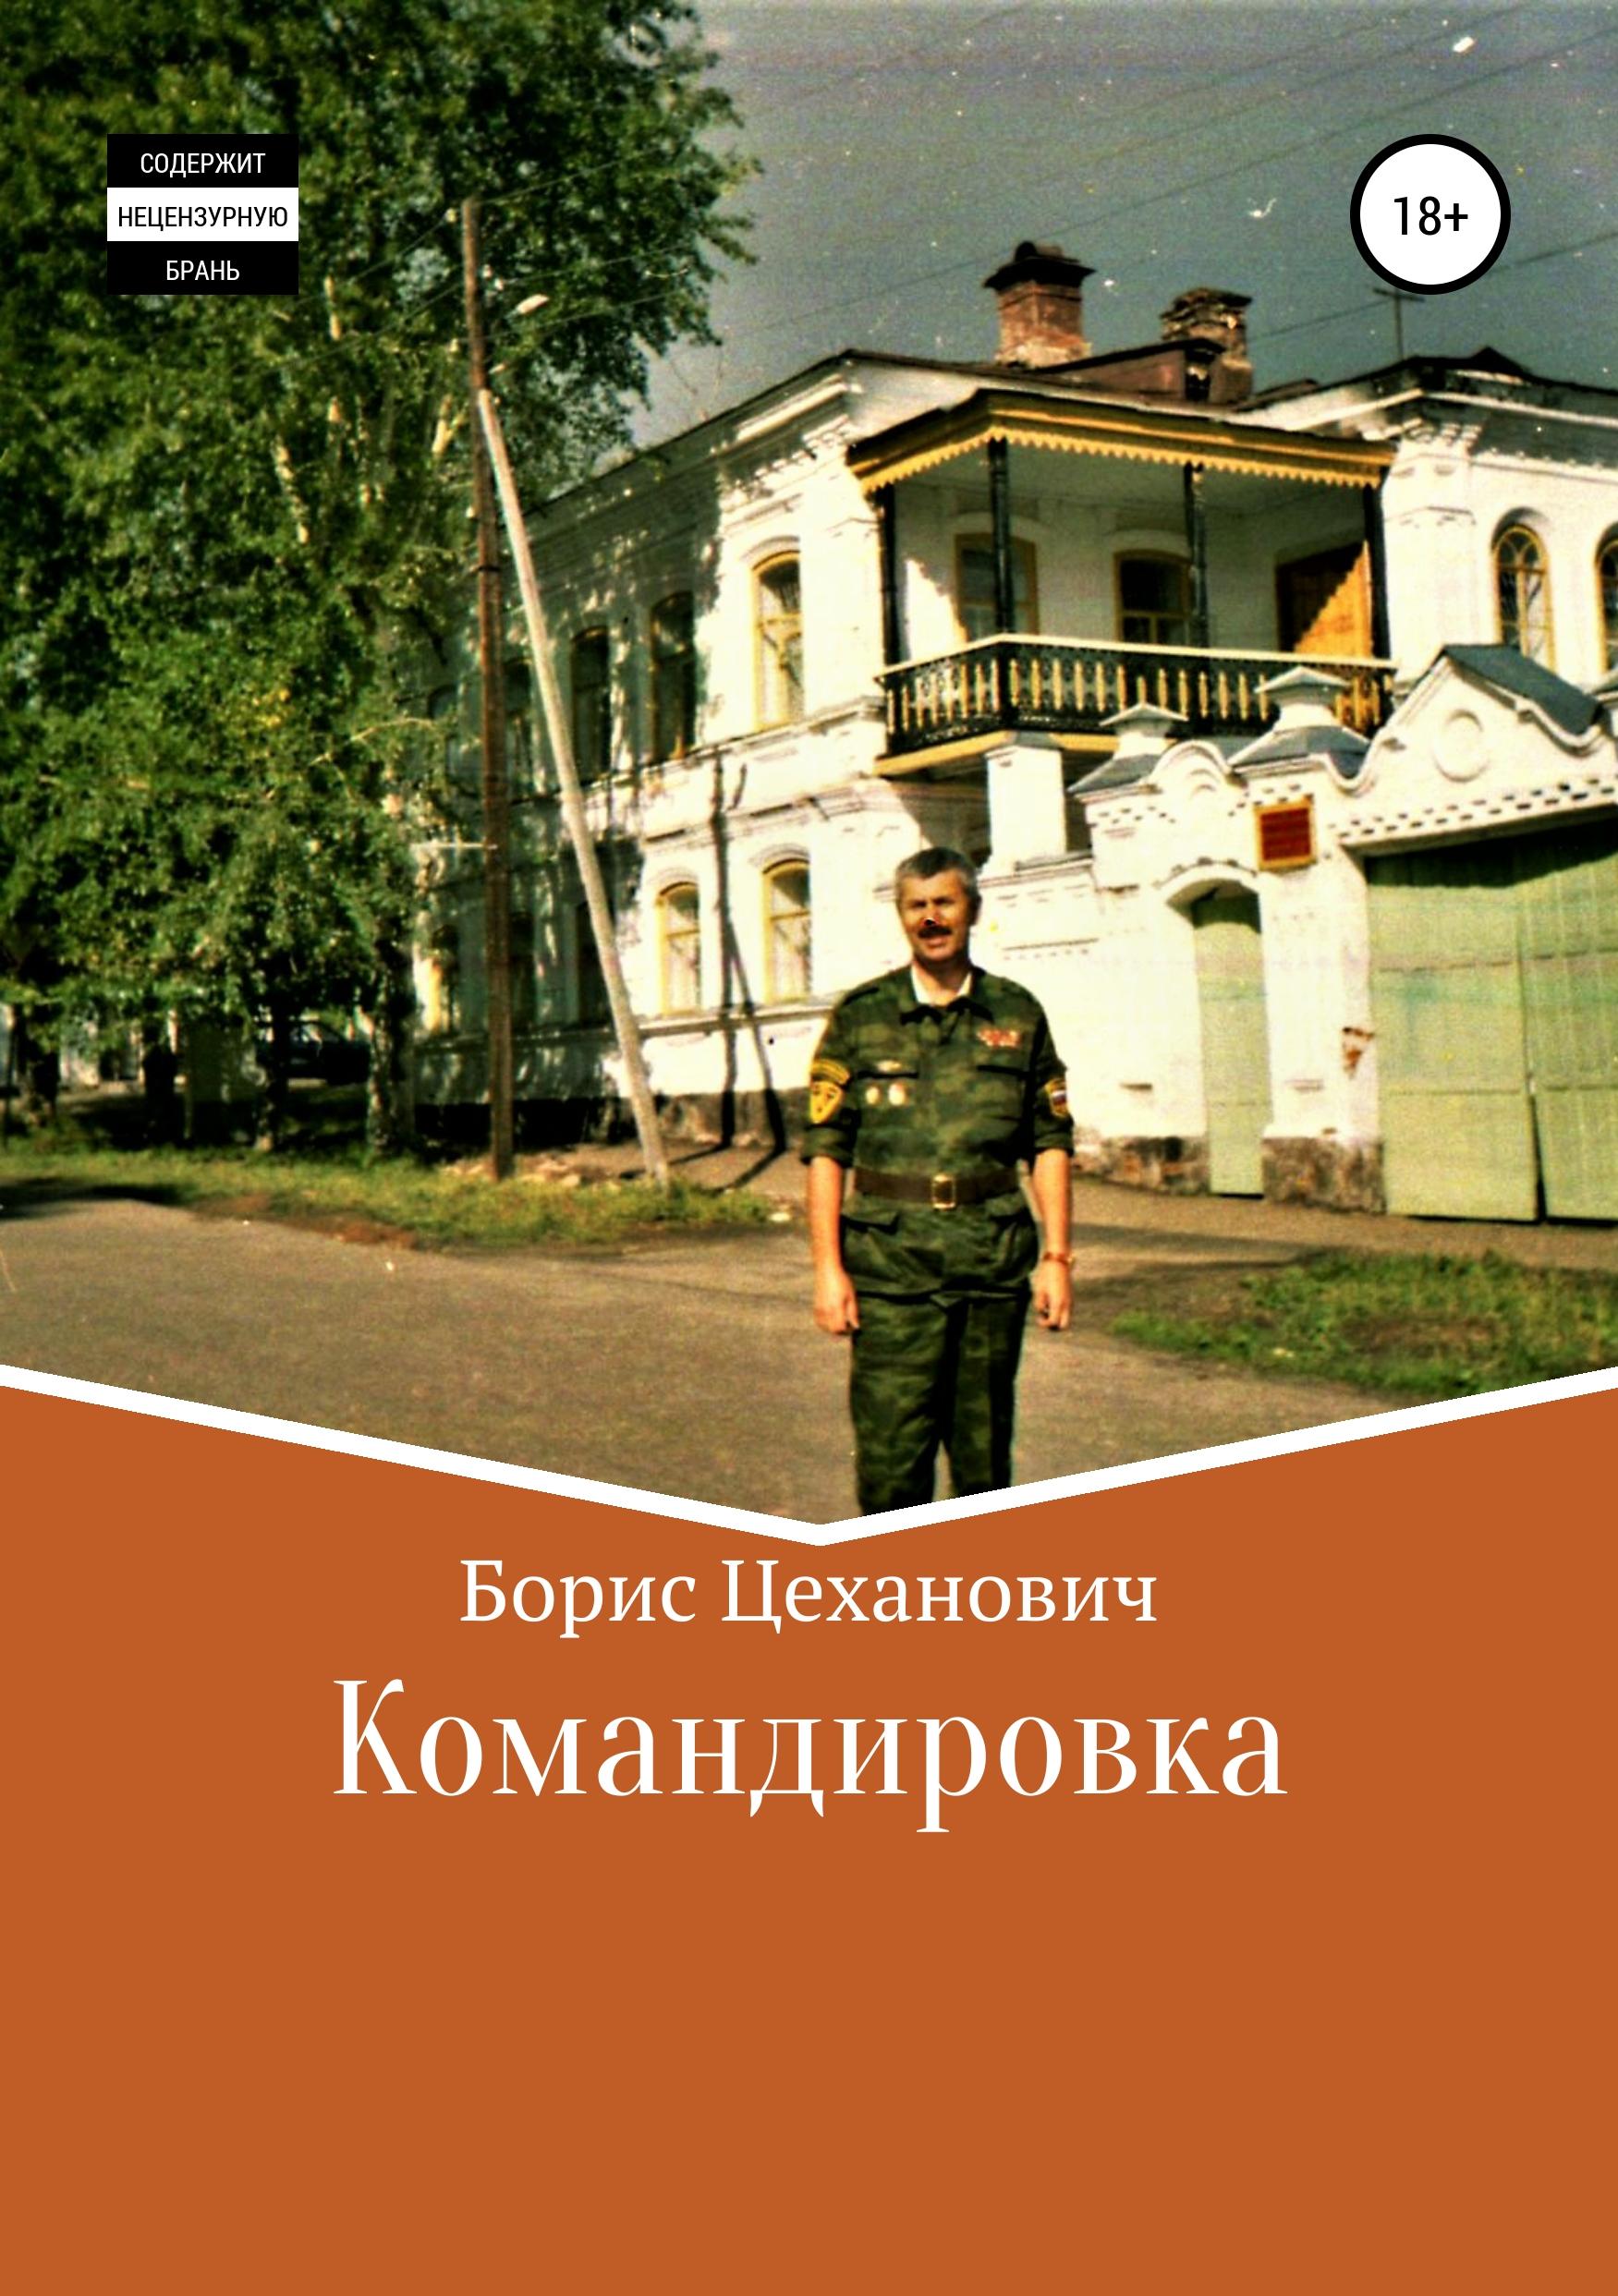 Фото - Борис Цеханович Командировка арман номад малый бизнес в лихие 90 е в